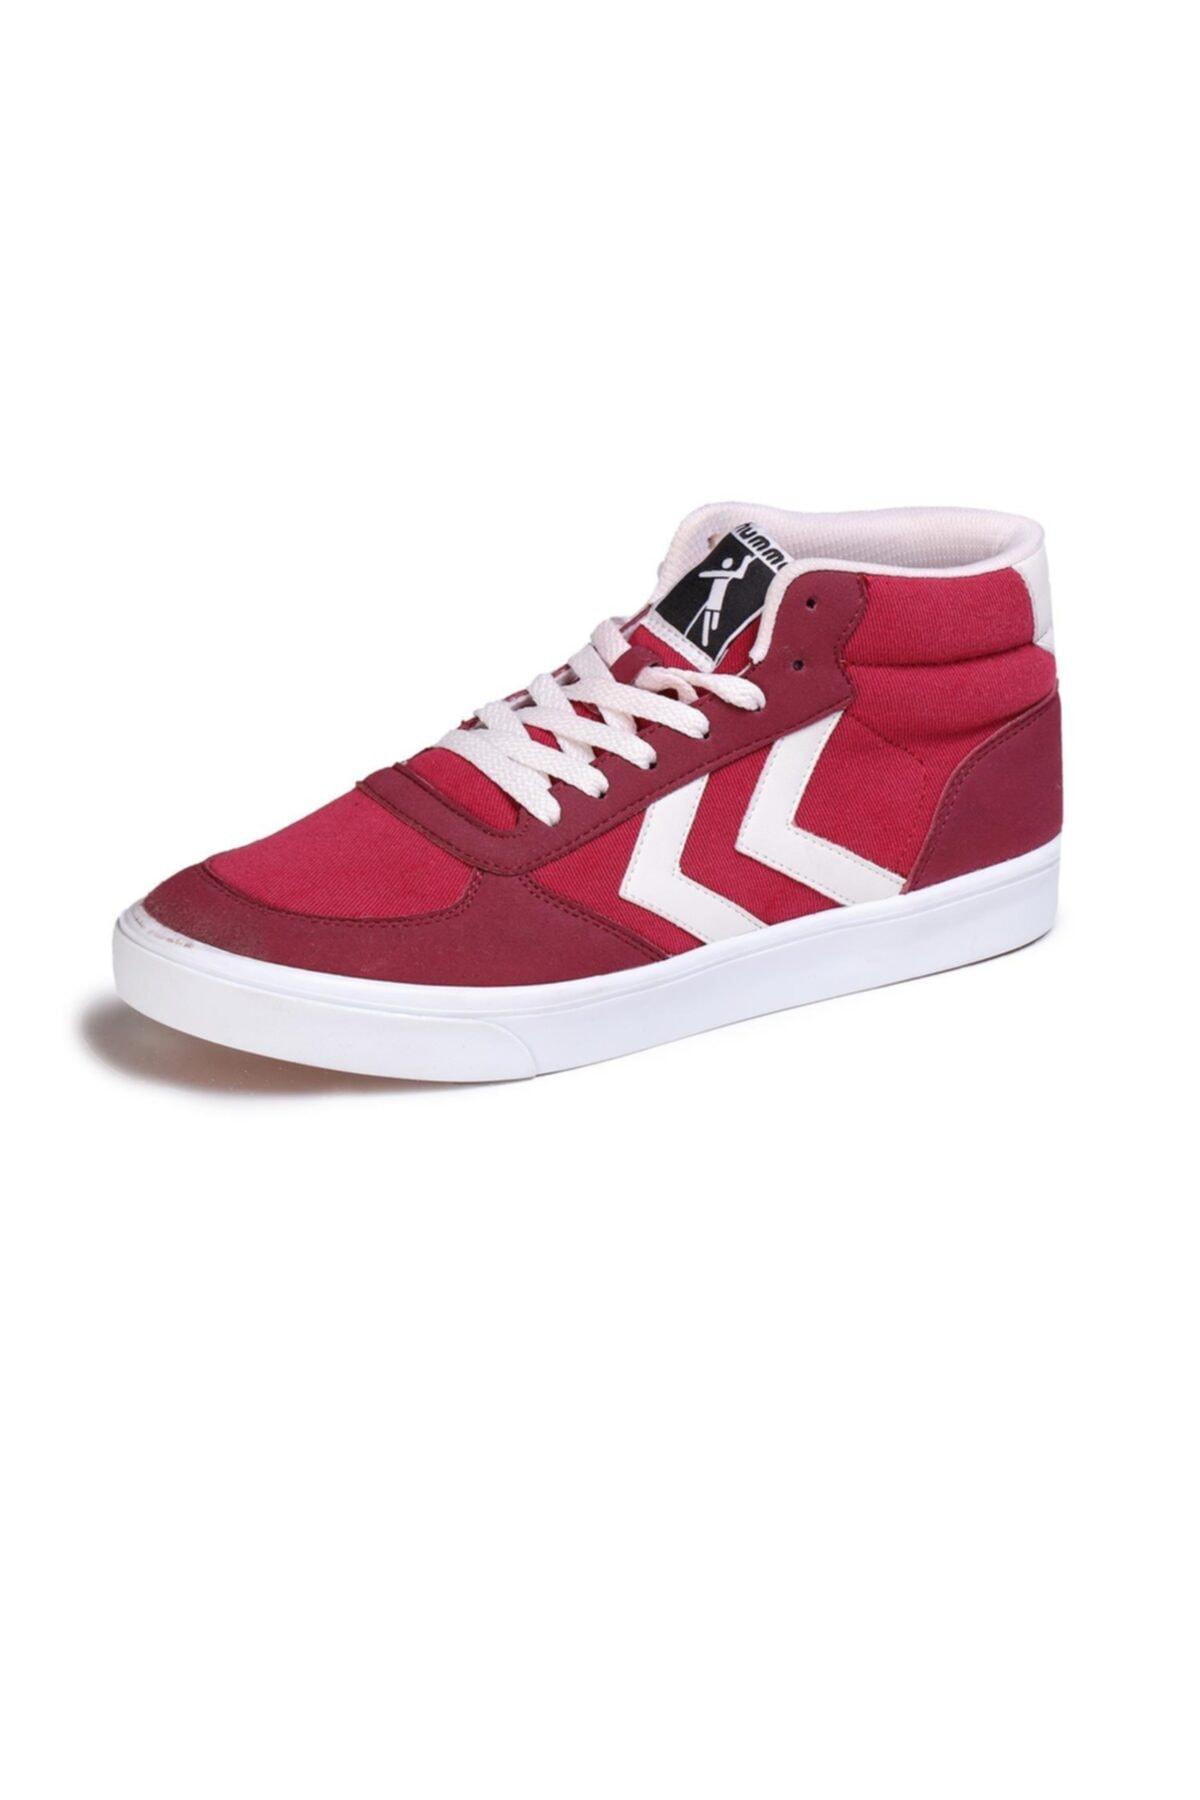 HUMMEL Hmlstadıl 3.0 Mıd Sneaker Ayakkabı 1